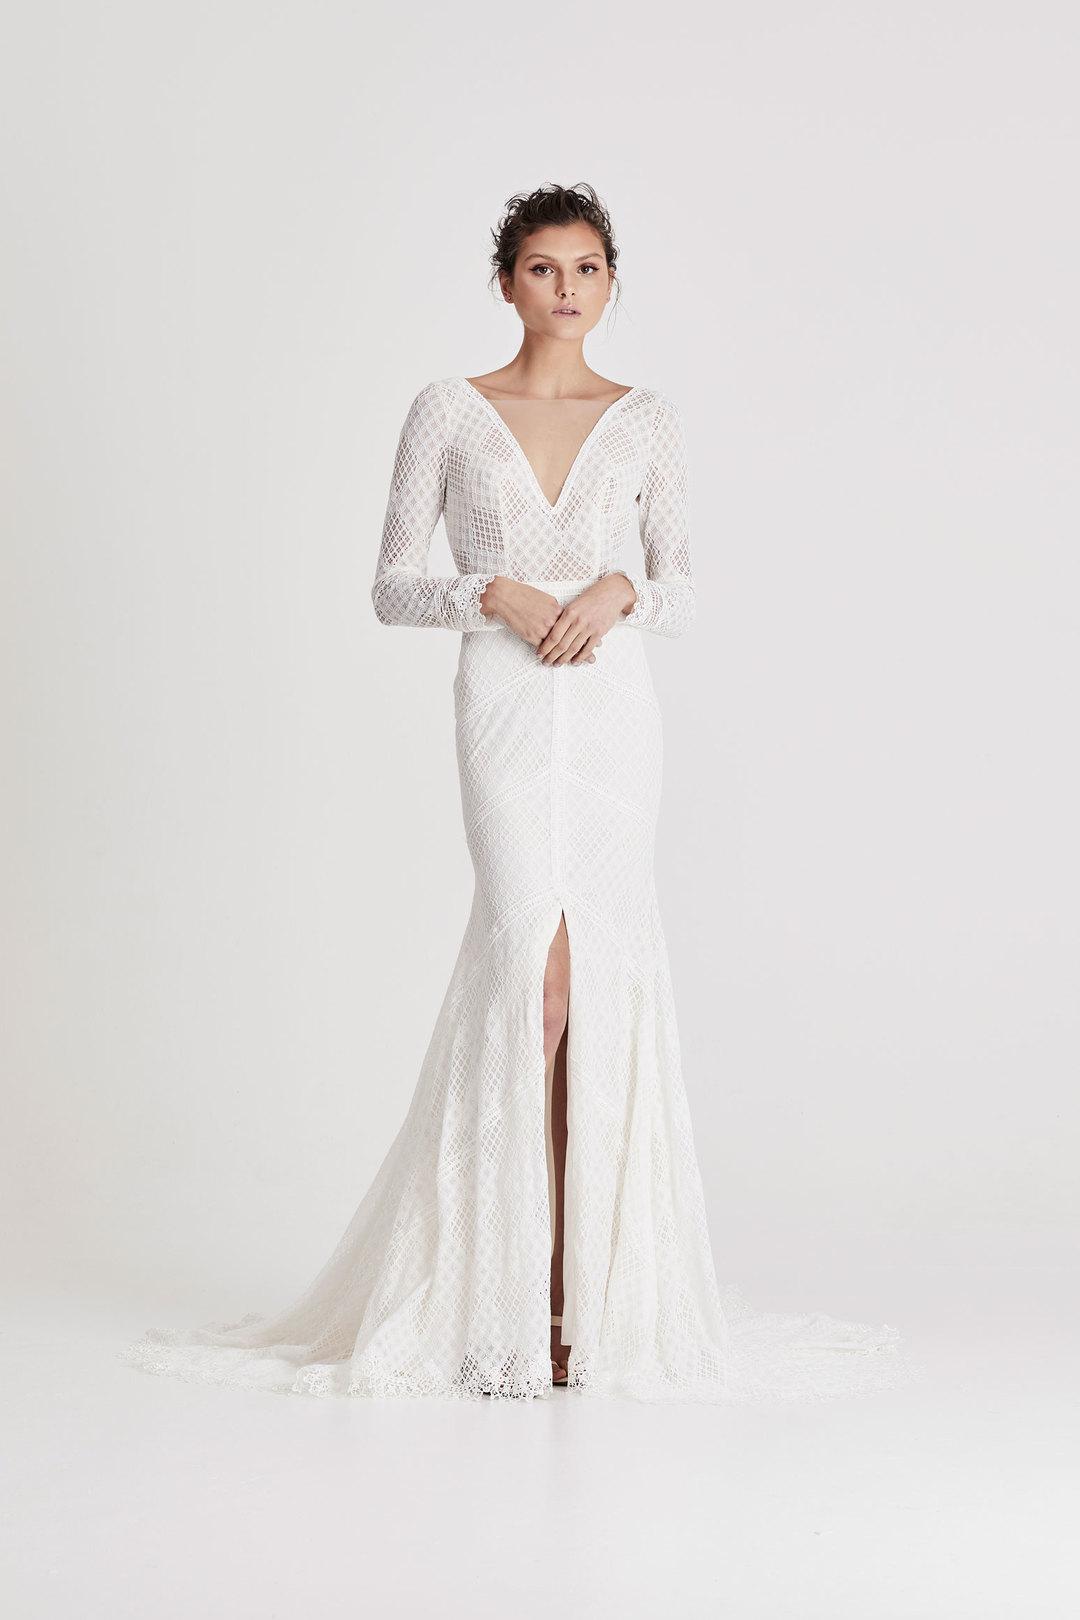 spencer dress photo